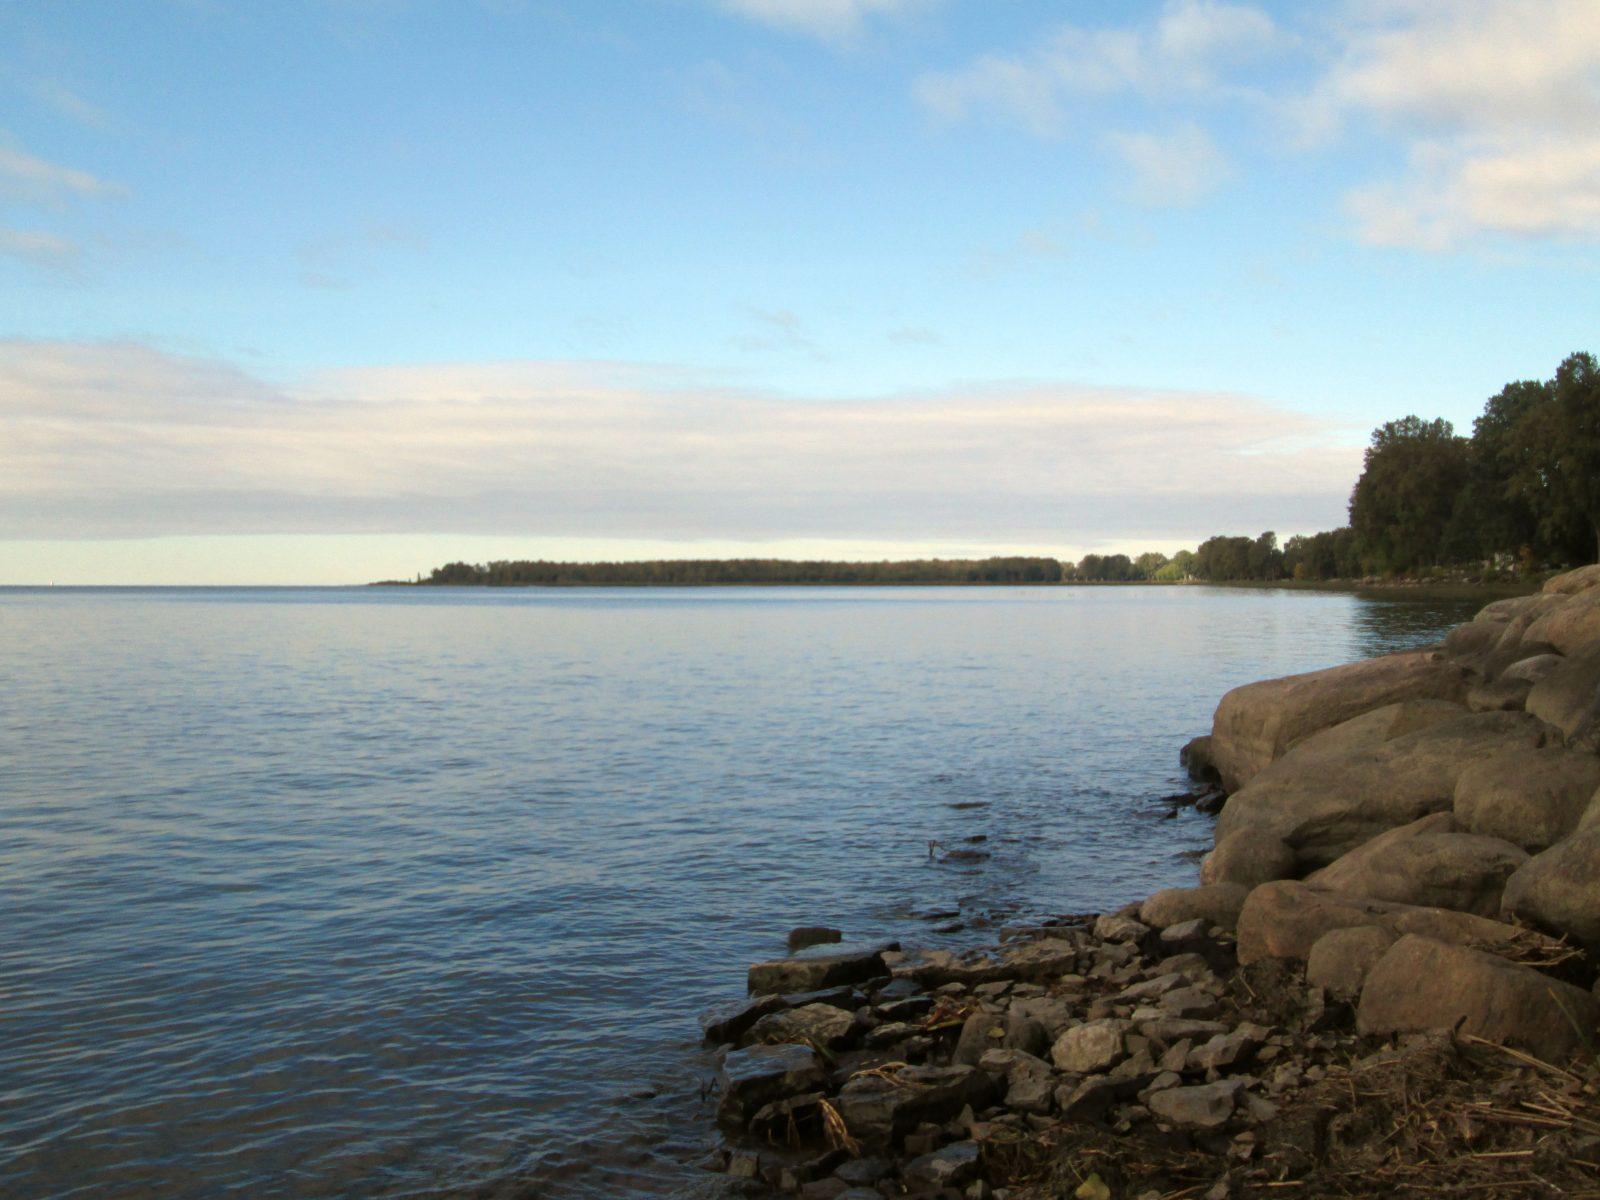 Lac Saint-Pierre situé à proximité du site de glamping Plein Air Ville-Joie